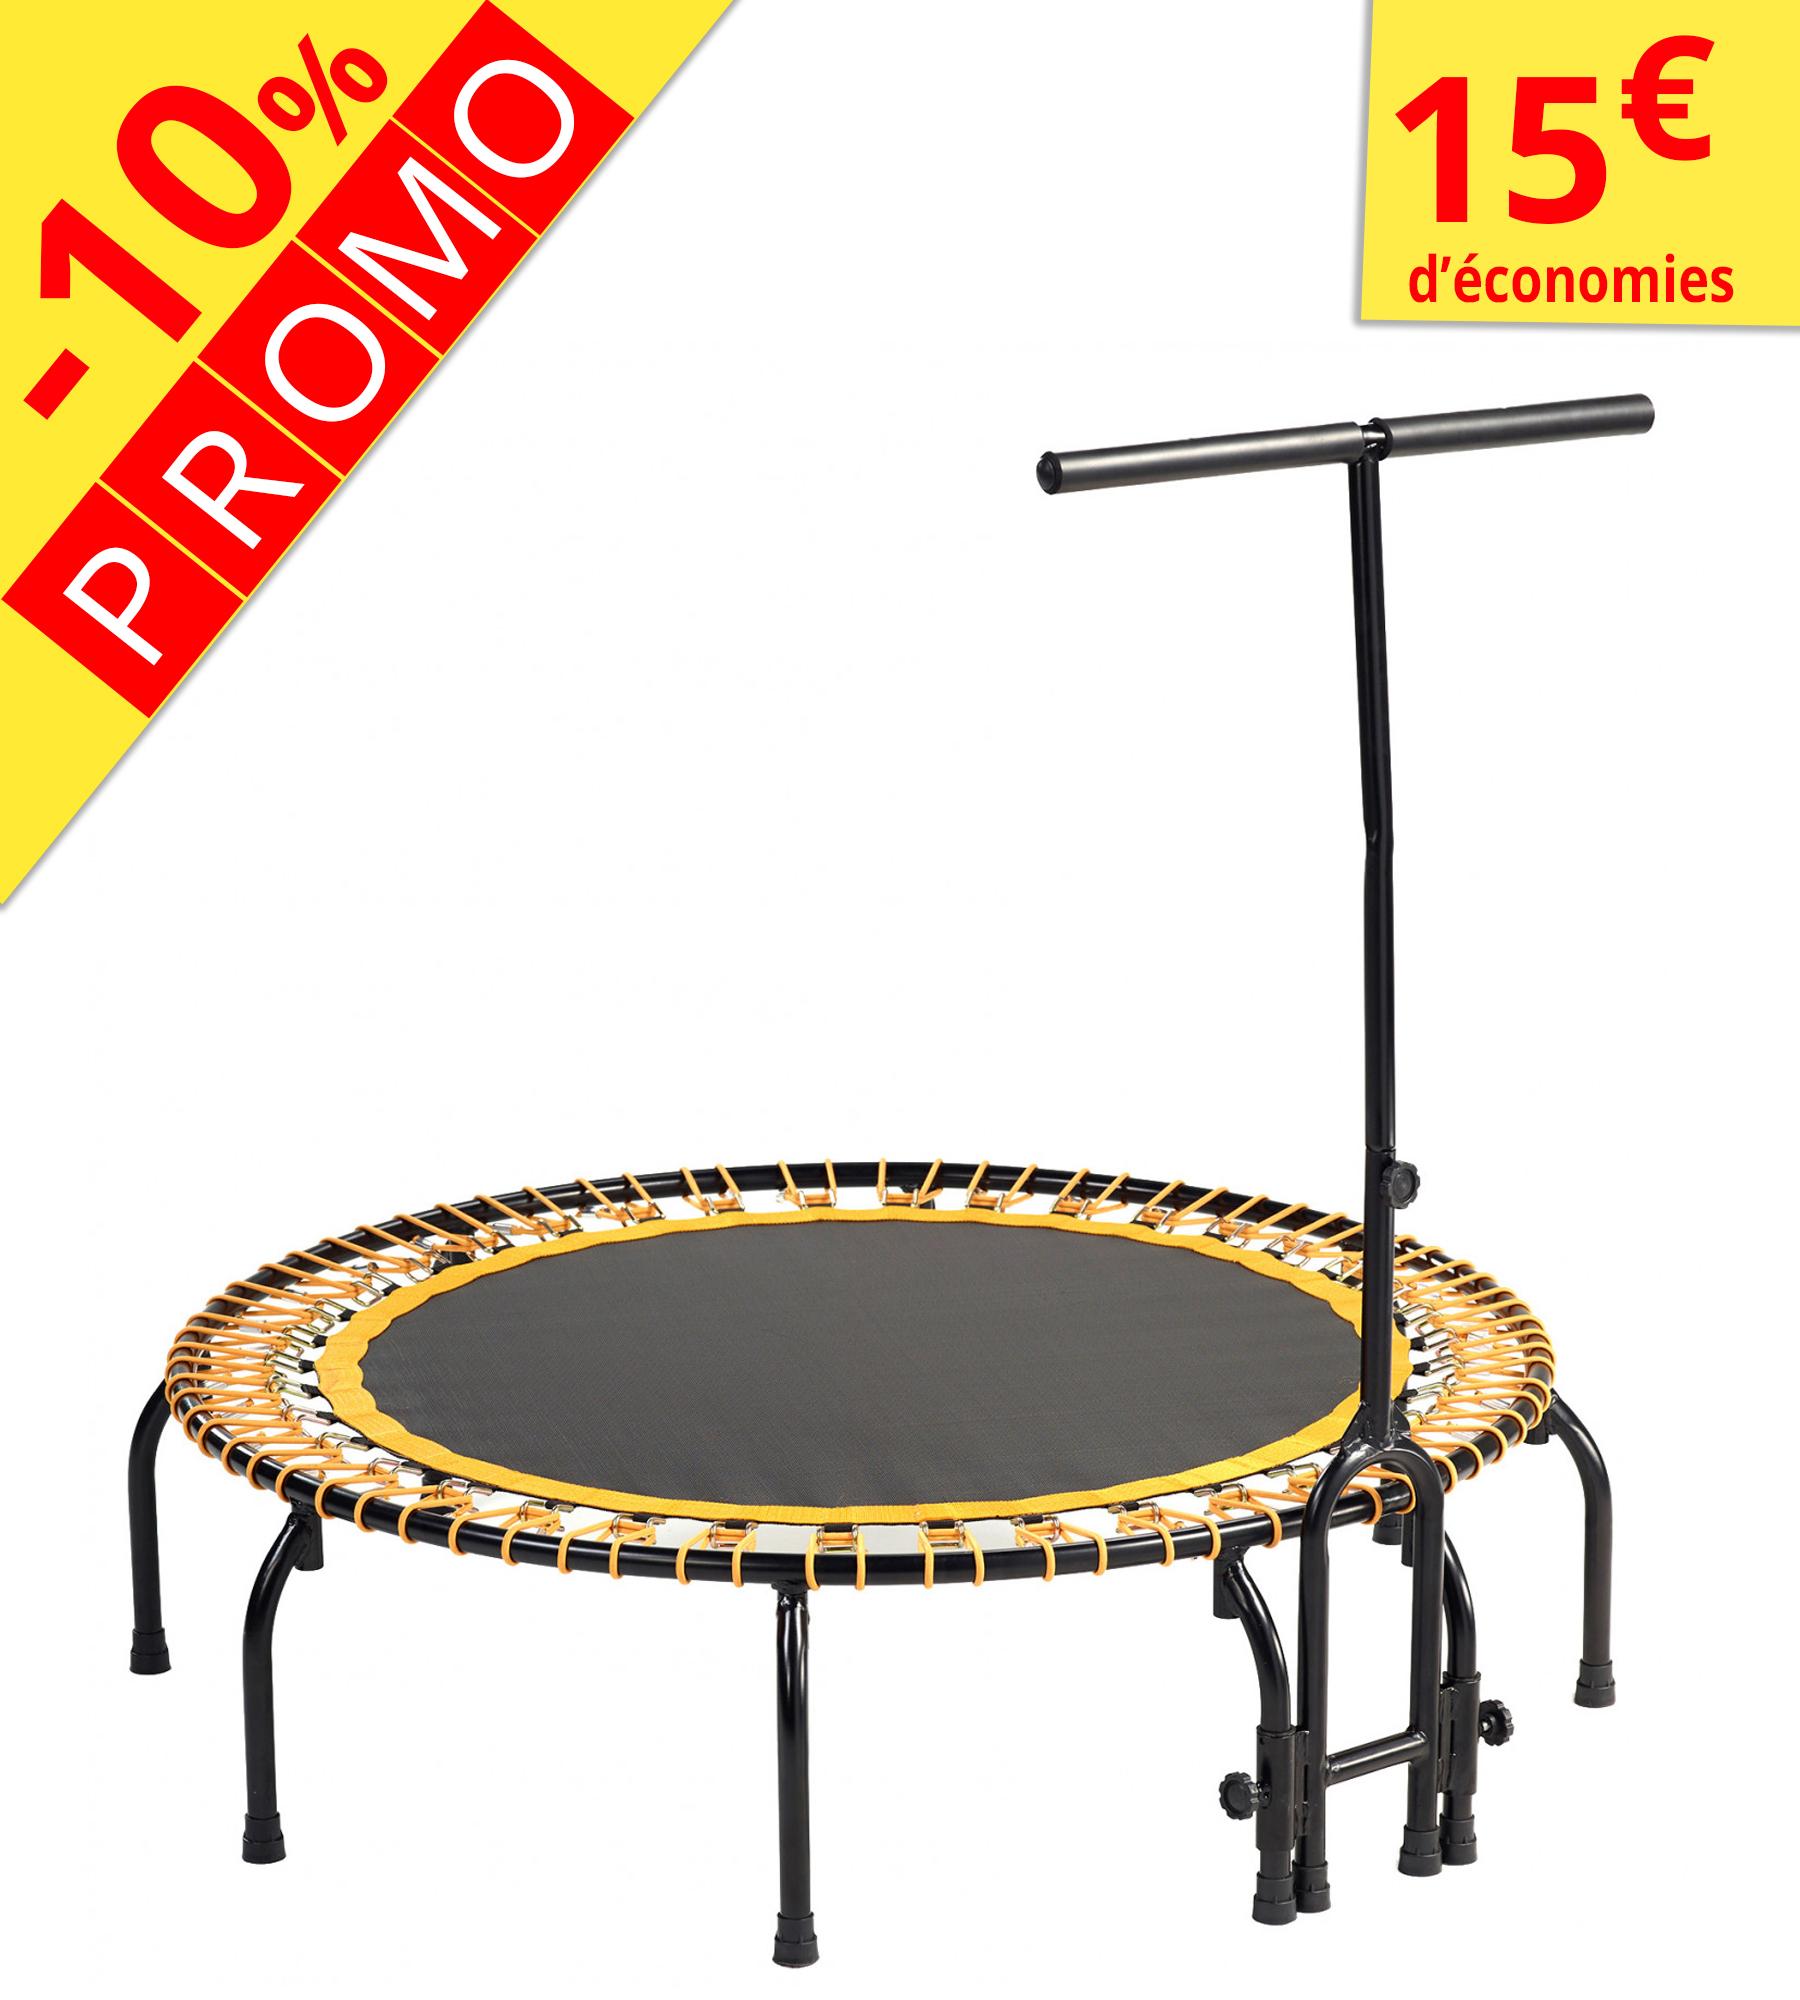 trampoline 4m pas cher finest kelkoo vous aide trouver des offres pour trampoline m avec filet. Black Bedroom Furniture Sets. Home Design Ideas